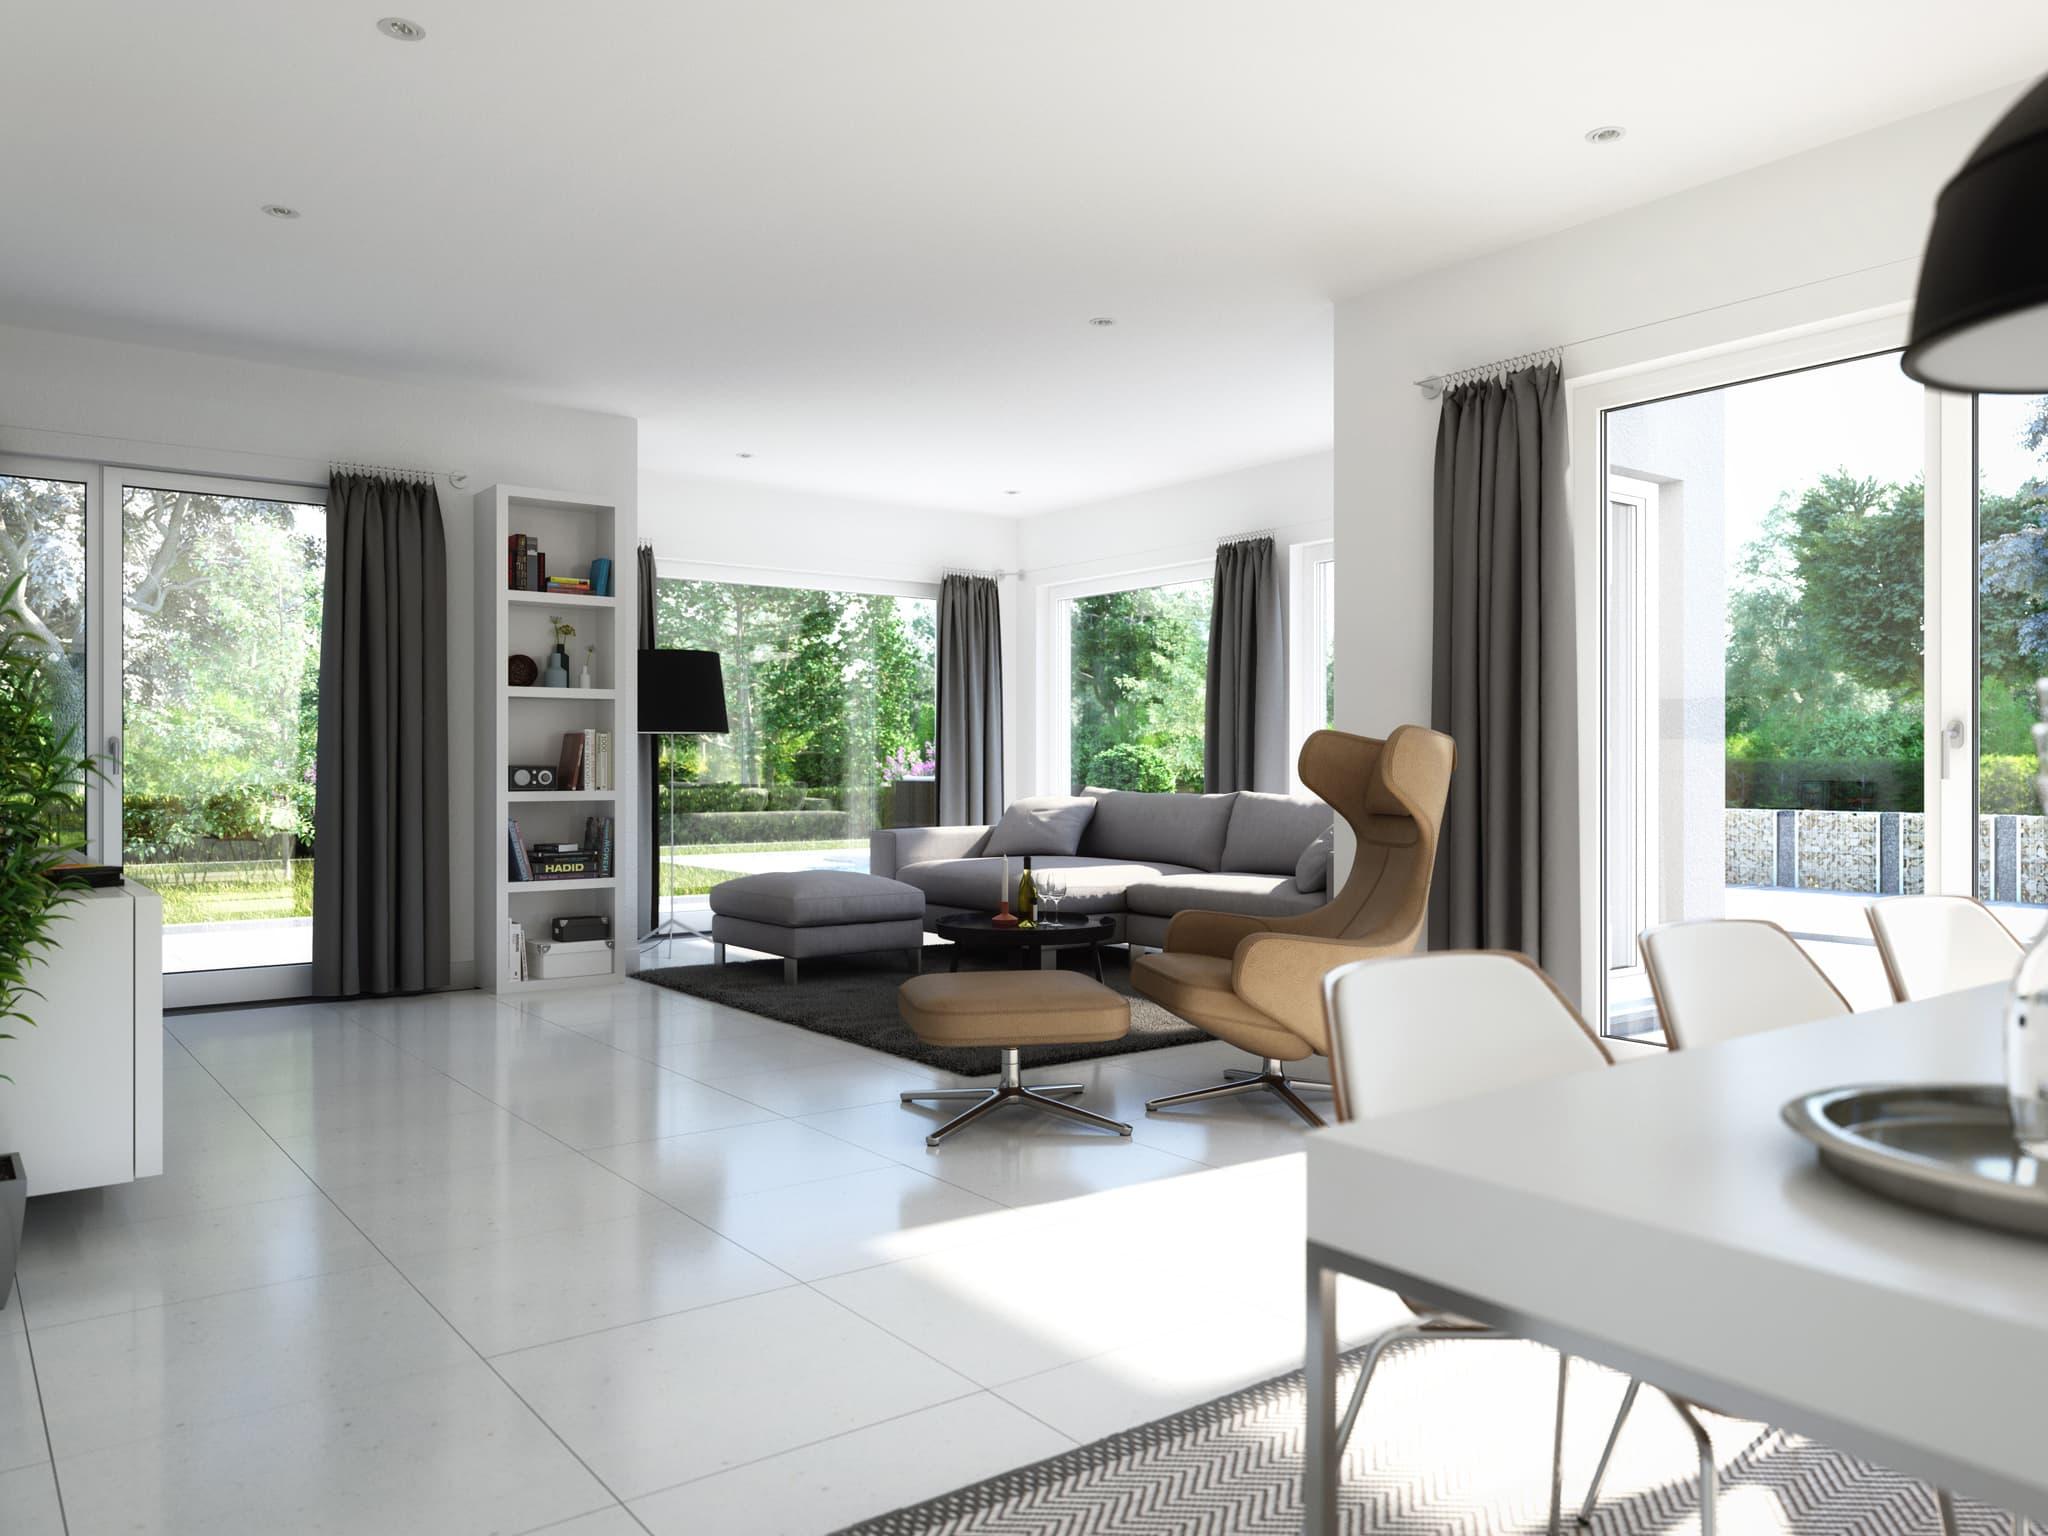 Offenes Wohn- Esszimmer mit Panorama Erker - Ideen Inneneinrichtung Fertighaus SUNSHINE 165 V4 von Living Haus - HausbauDirekt.de